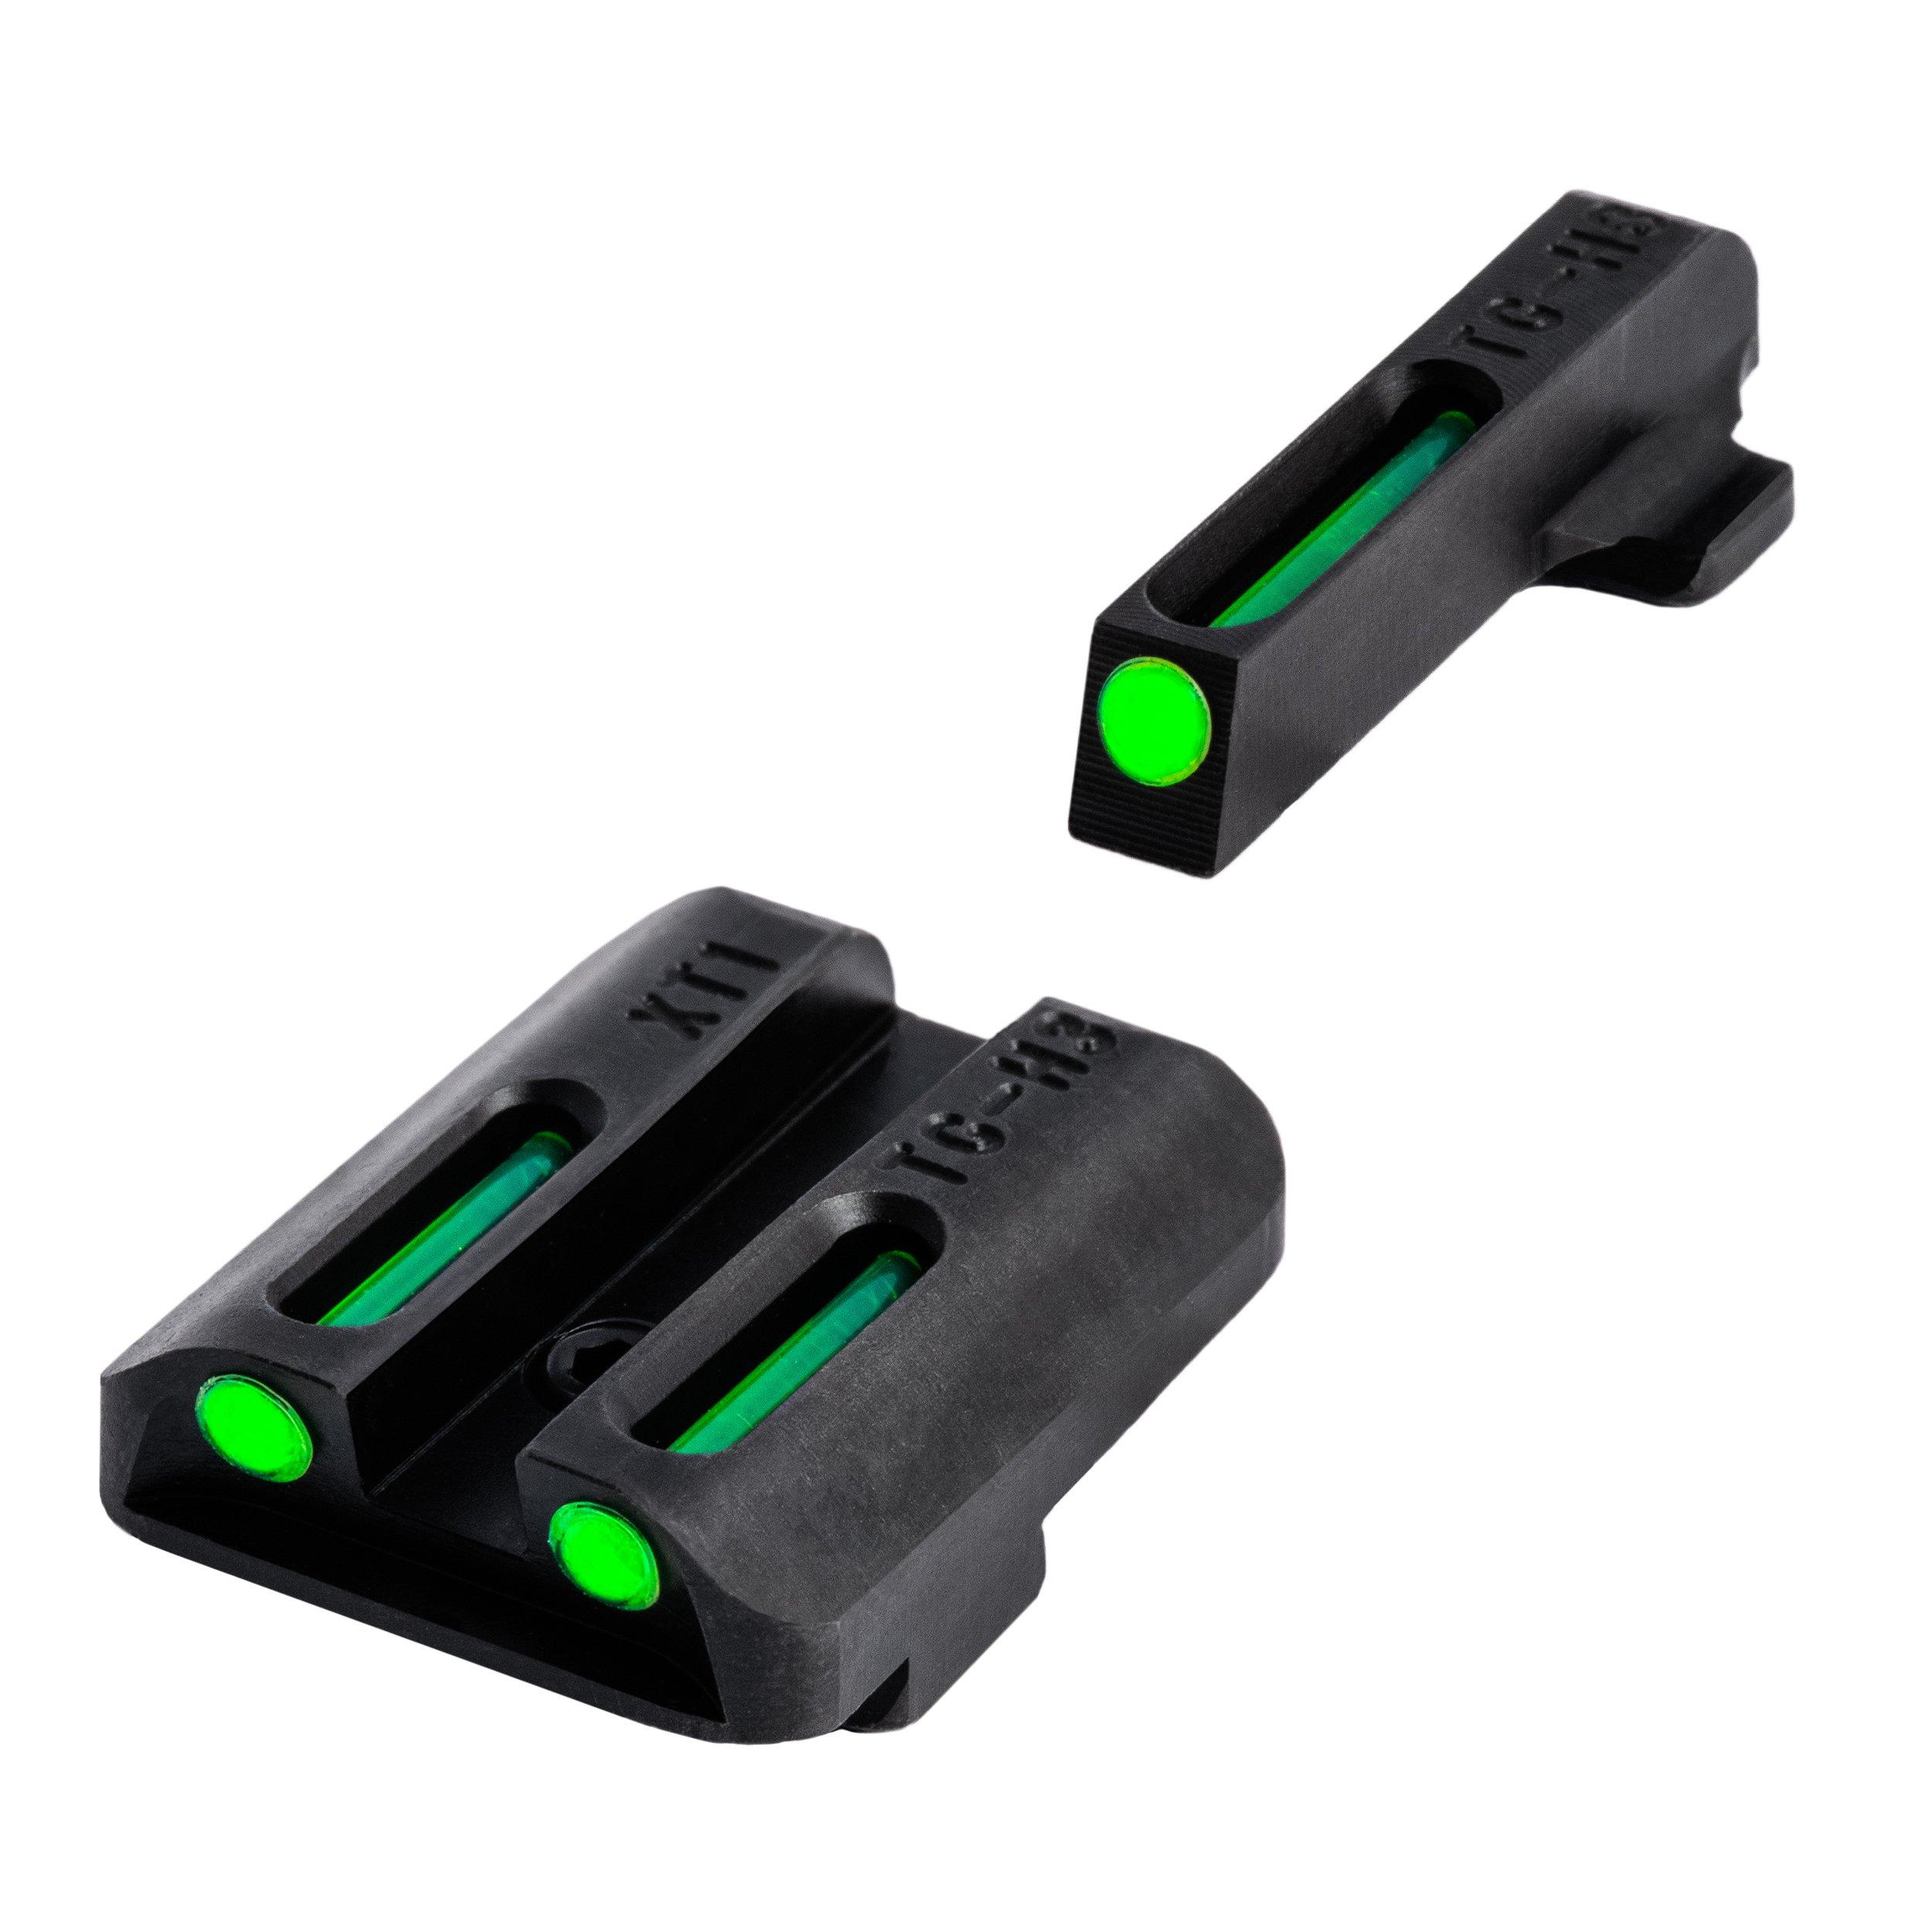 TRUGLO TFO Handgun Sight Set - Springfield XD, XDM, XDS by TRUGLO